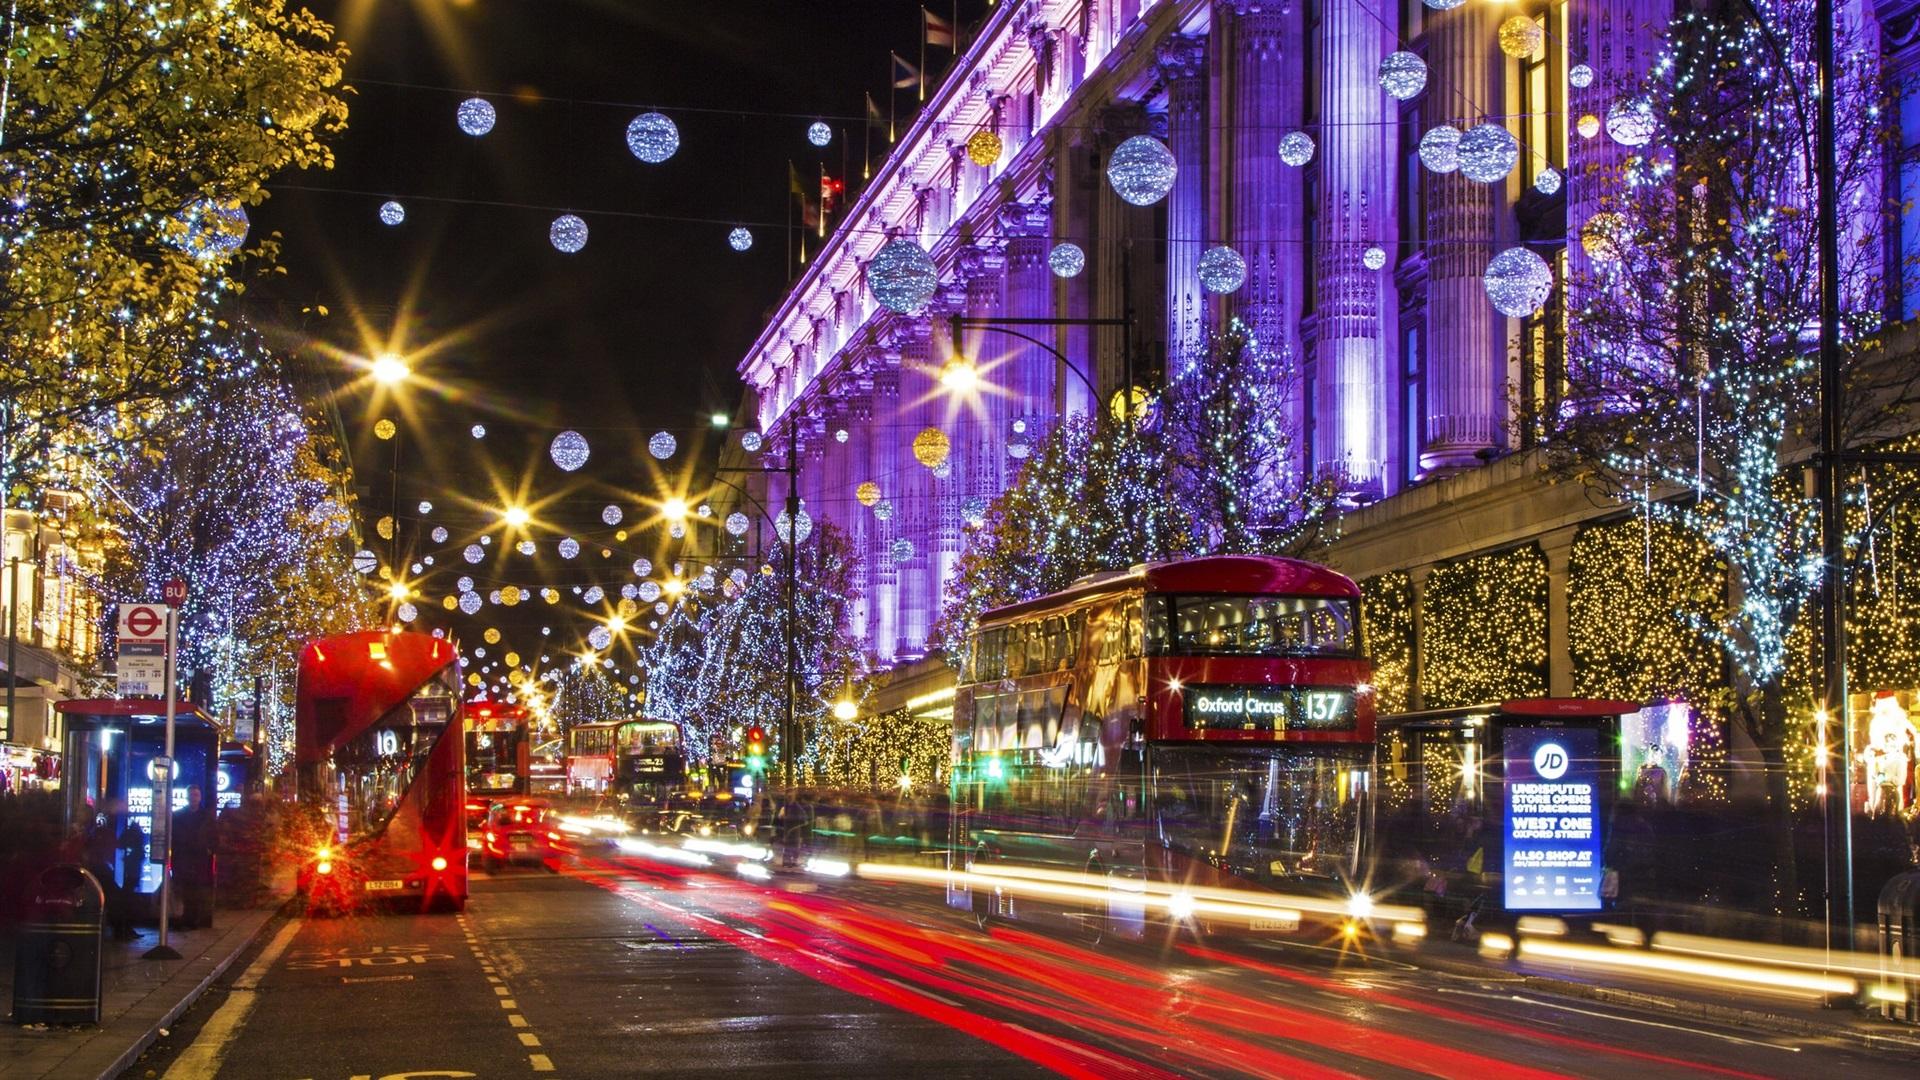 Fondos De Escritorio Parque De Navidad Hd Ciudades Del: Download Wallpaper 1920x1080 London, England, City Street